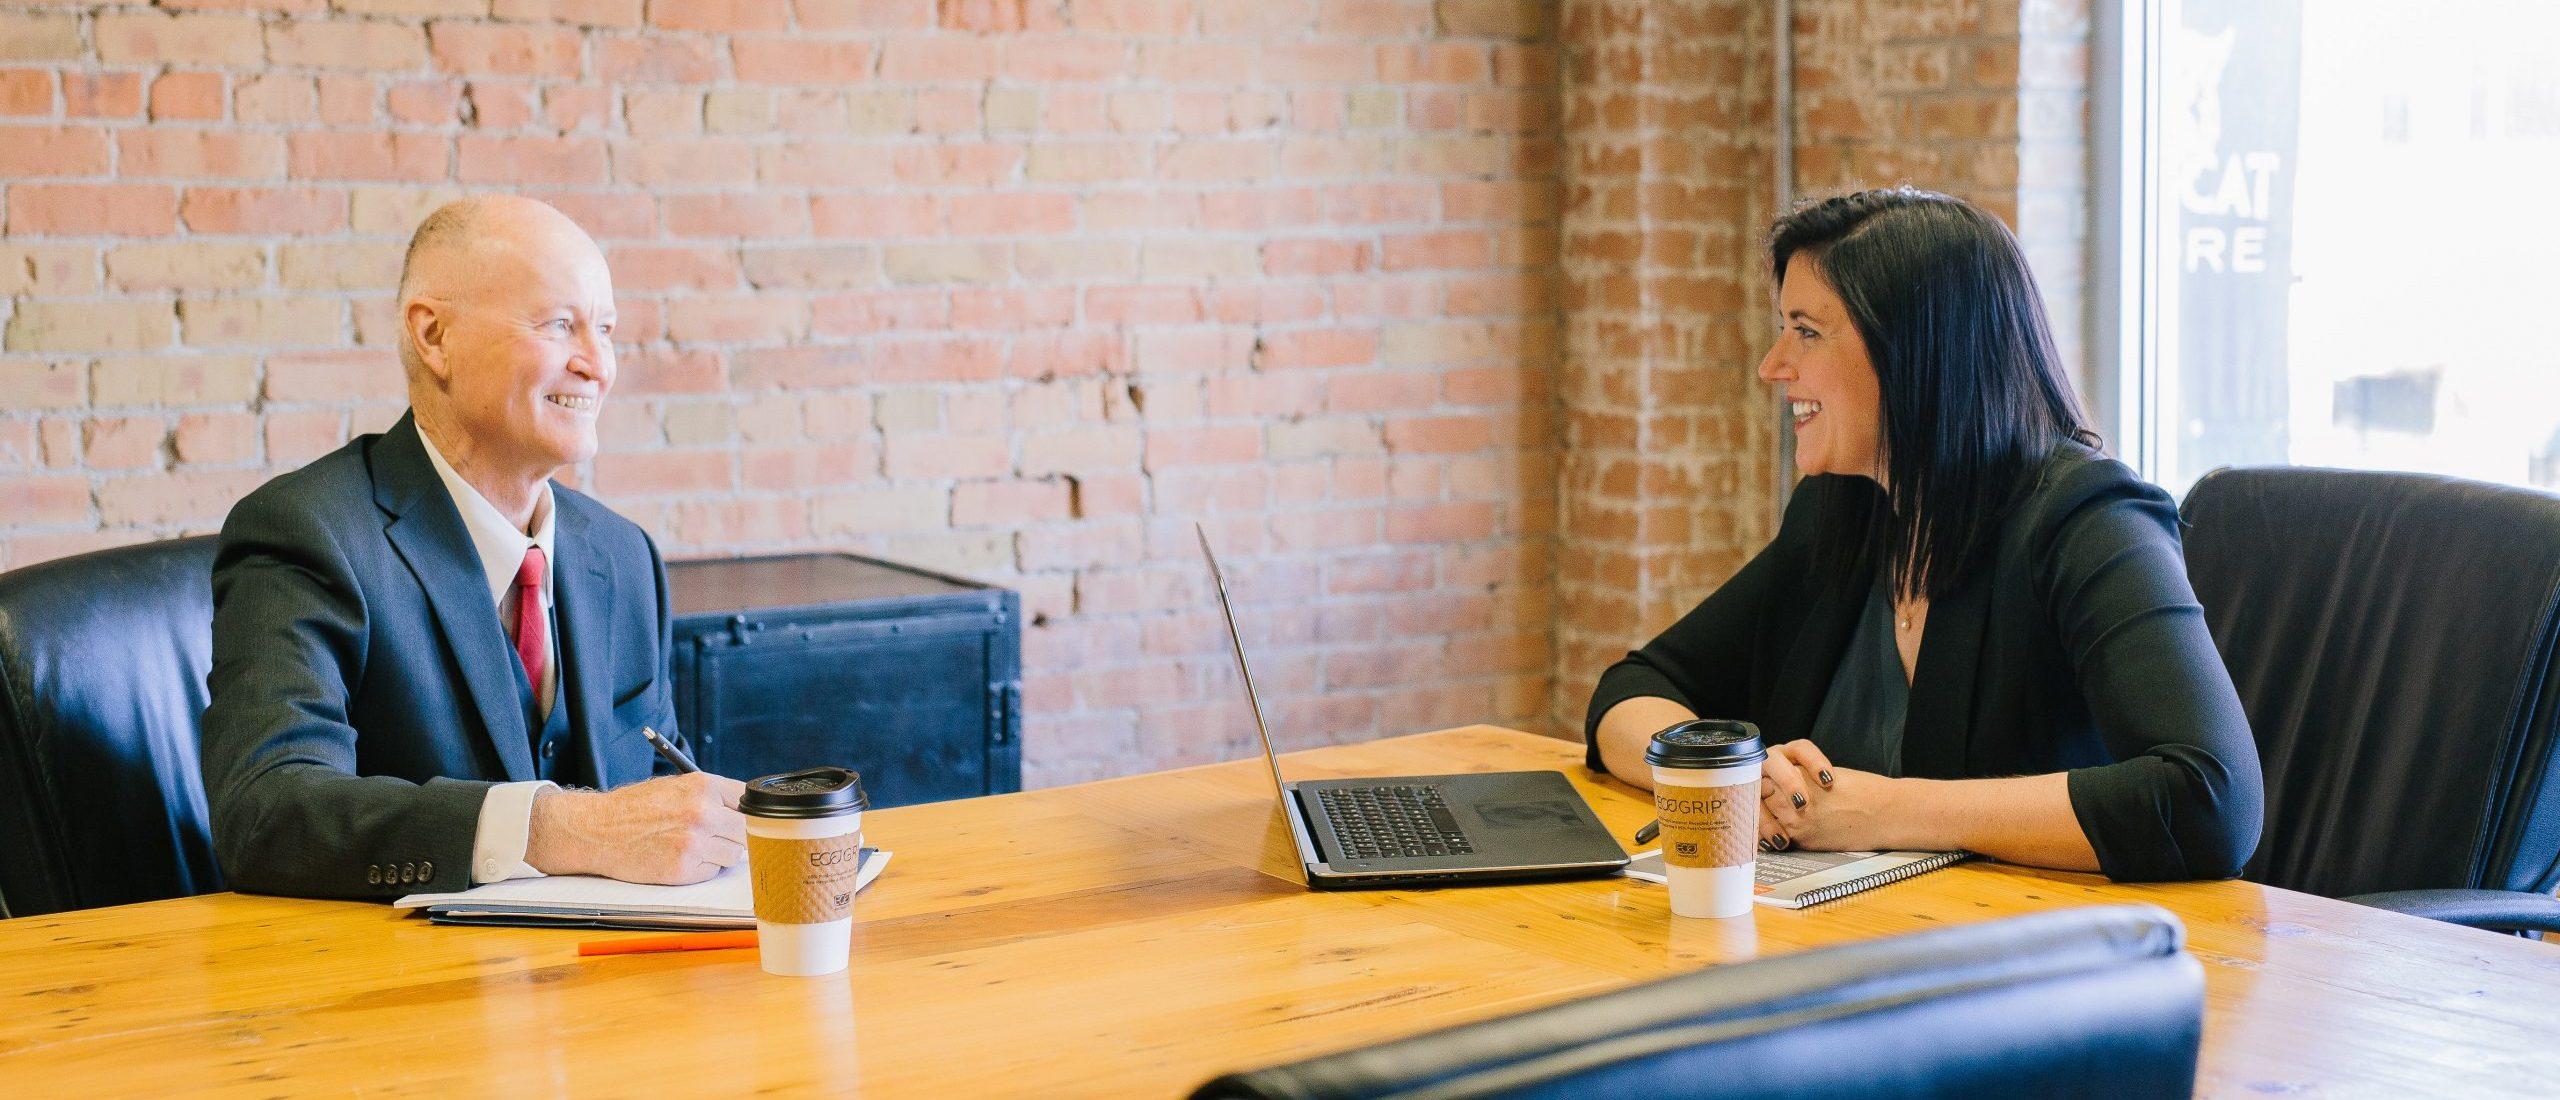 Um comprador e um fornecedor conversando como parceiros de negócio